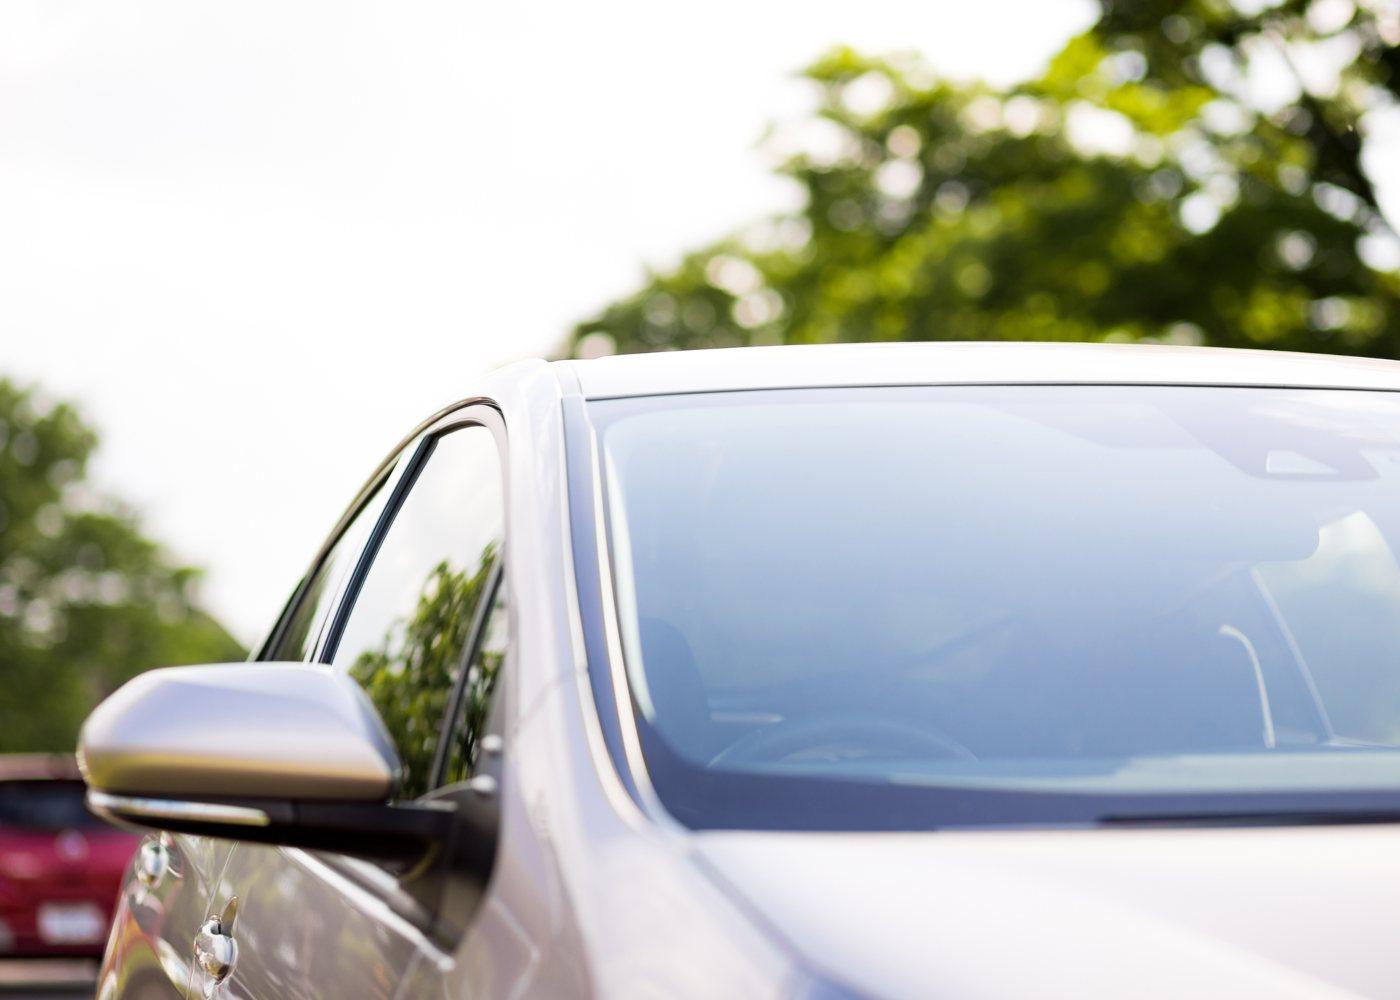 pára-brisas do carro